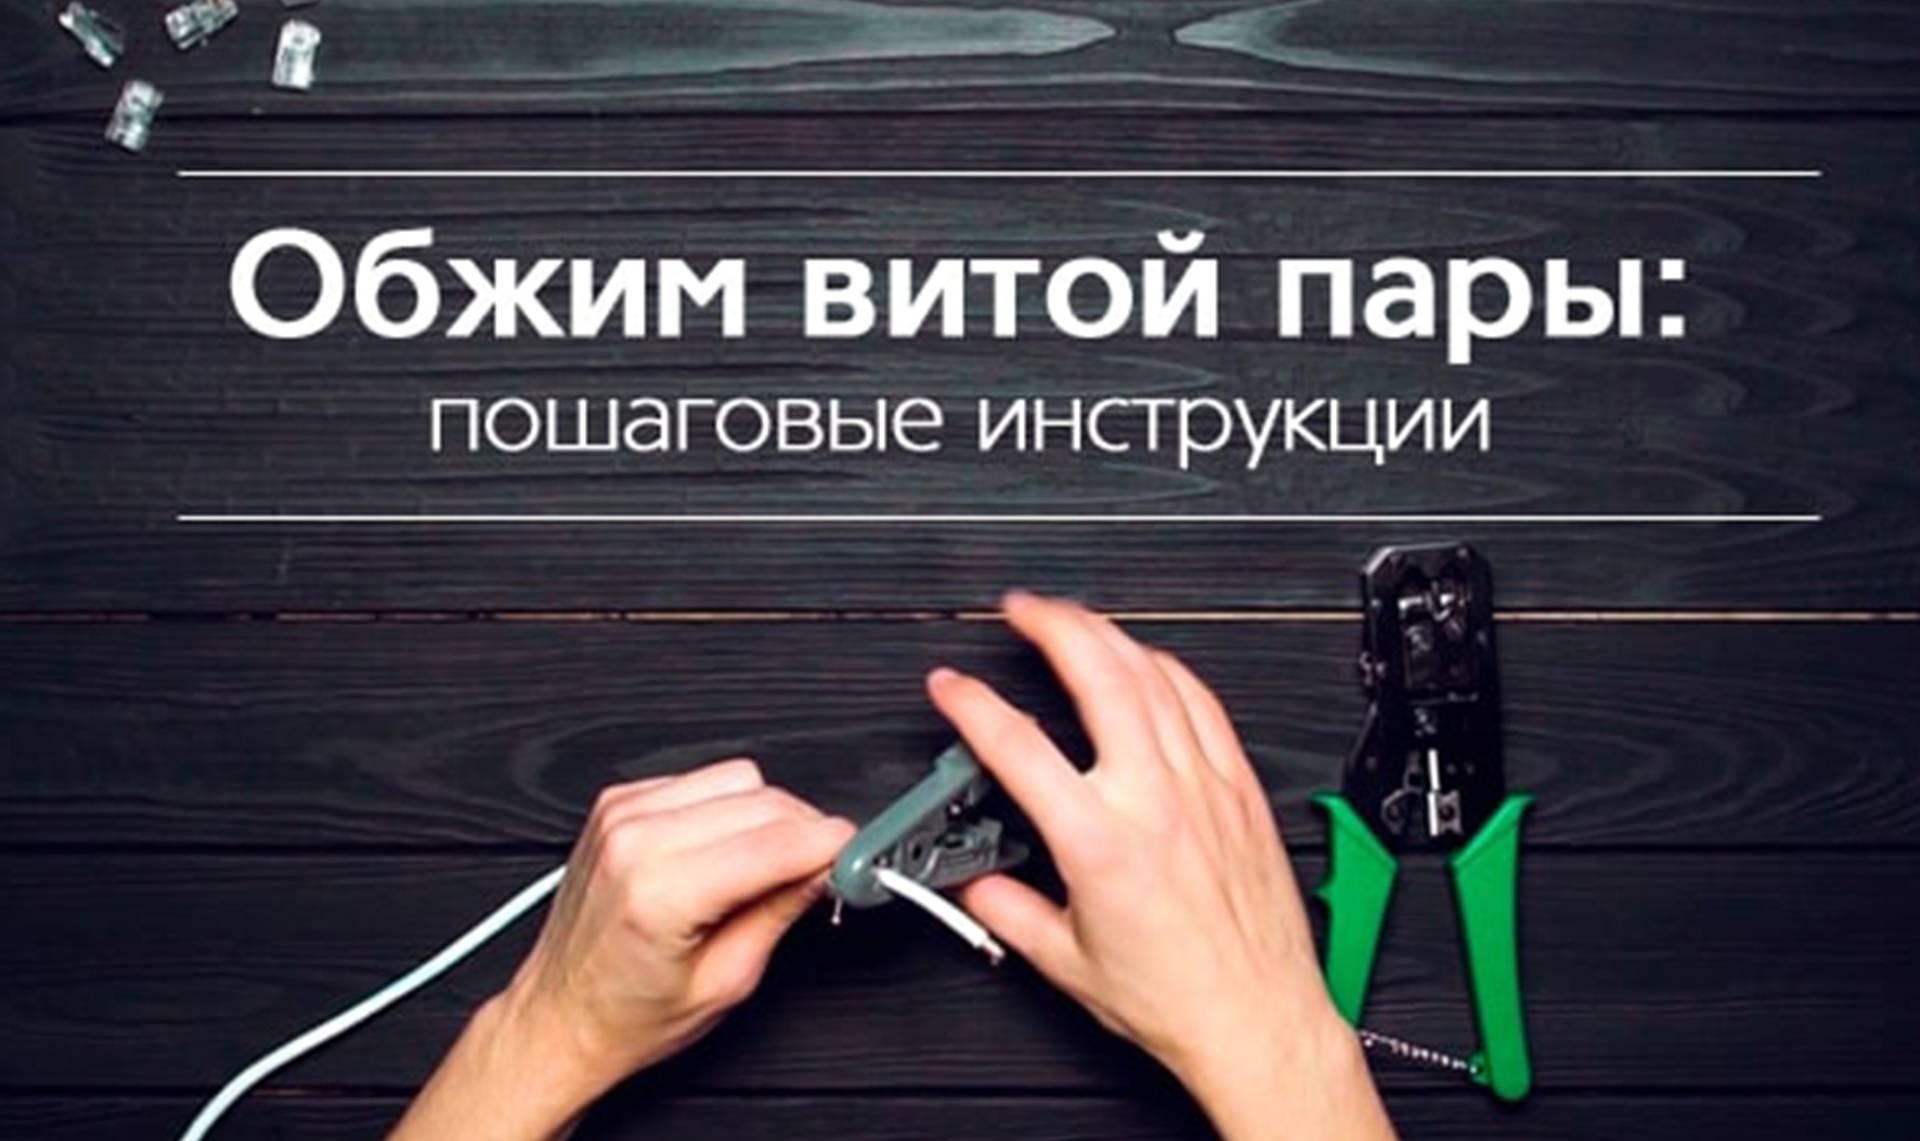 Инструмент для обжима интернет-кабеля: клещи, щипцы, кримпер, стриппер и тестер